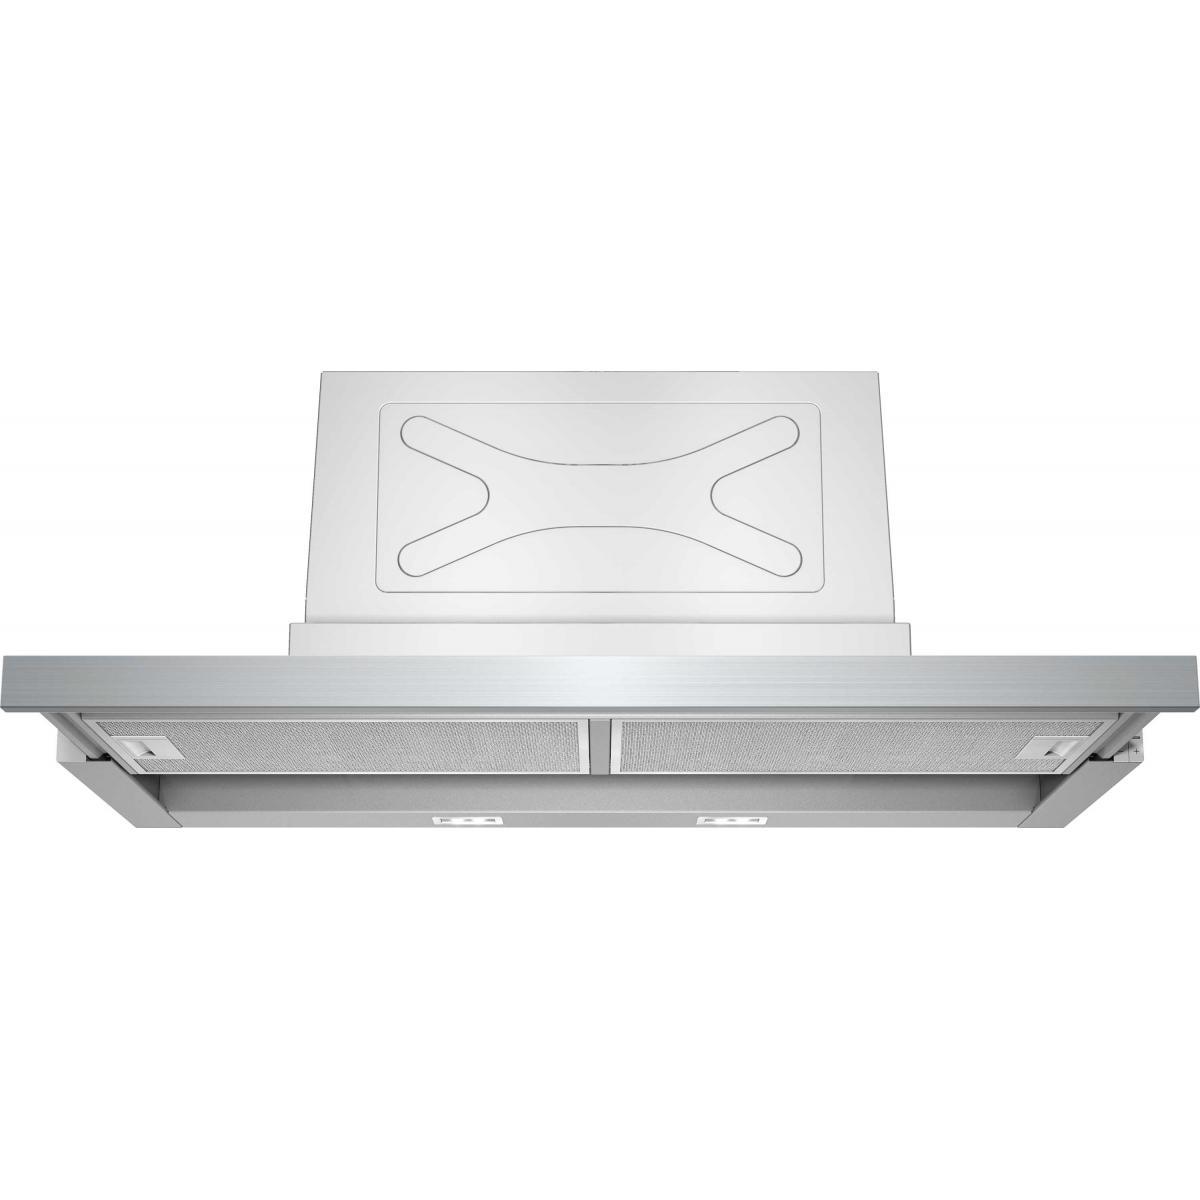 Siemens Hotte tiroir 740m³/h SIEMENS 89.8cm A, LI 97 SA 530